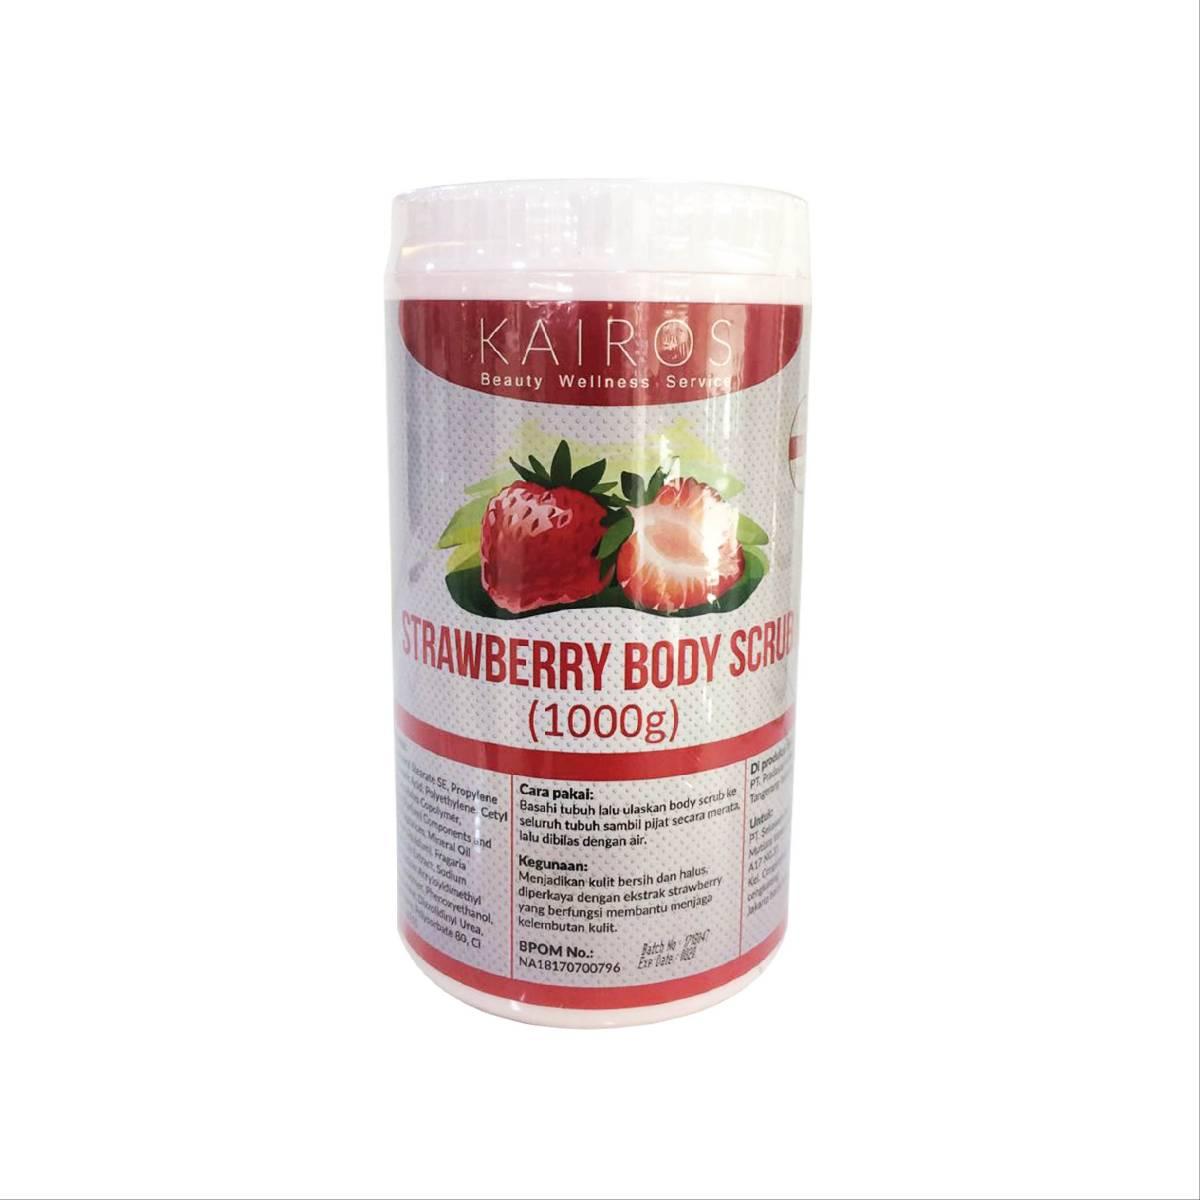 Kairos Strawberry Body Scrub - Scrub Yang Bermanfaat Untuk Membantu Menjaga Kelembutan Kulit